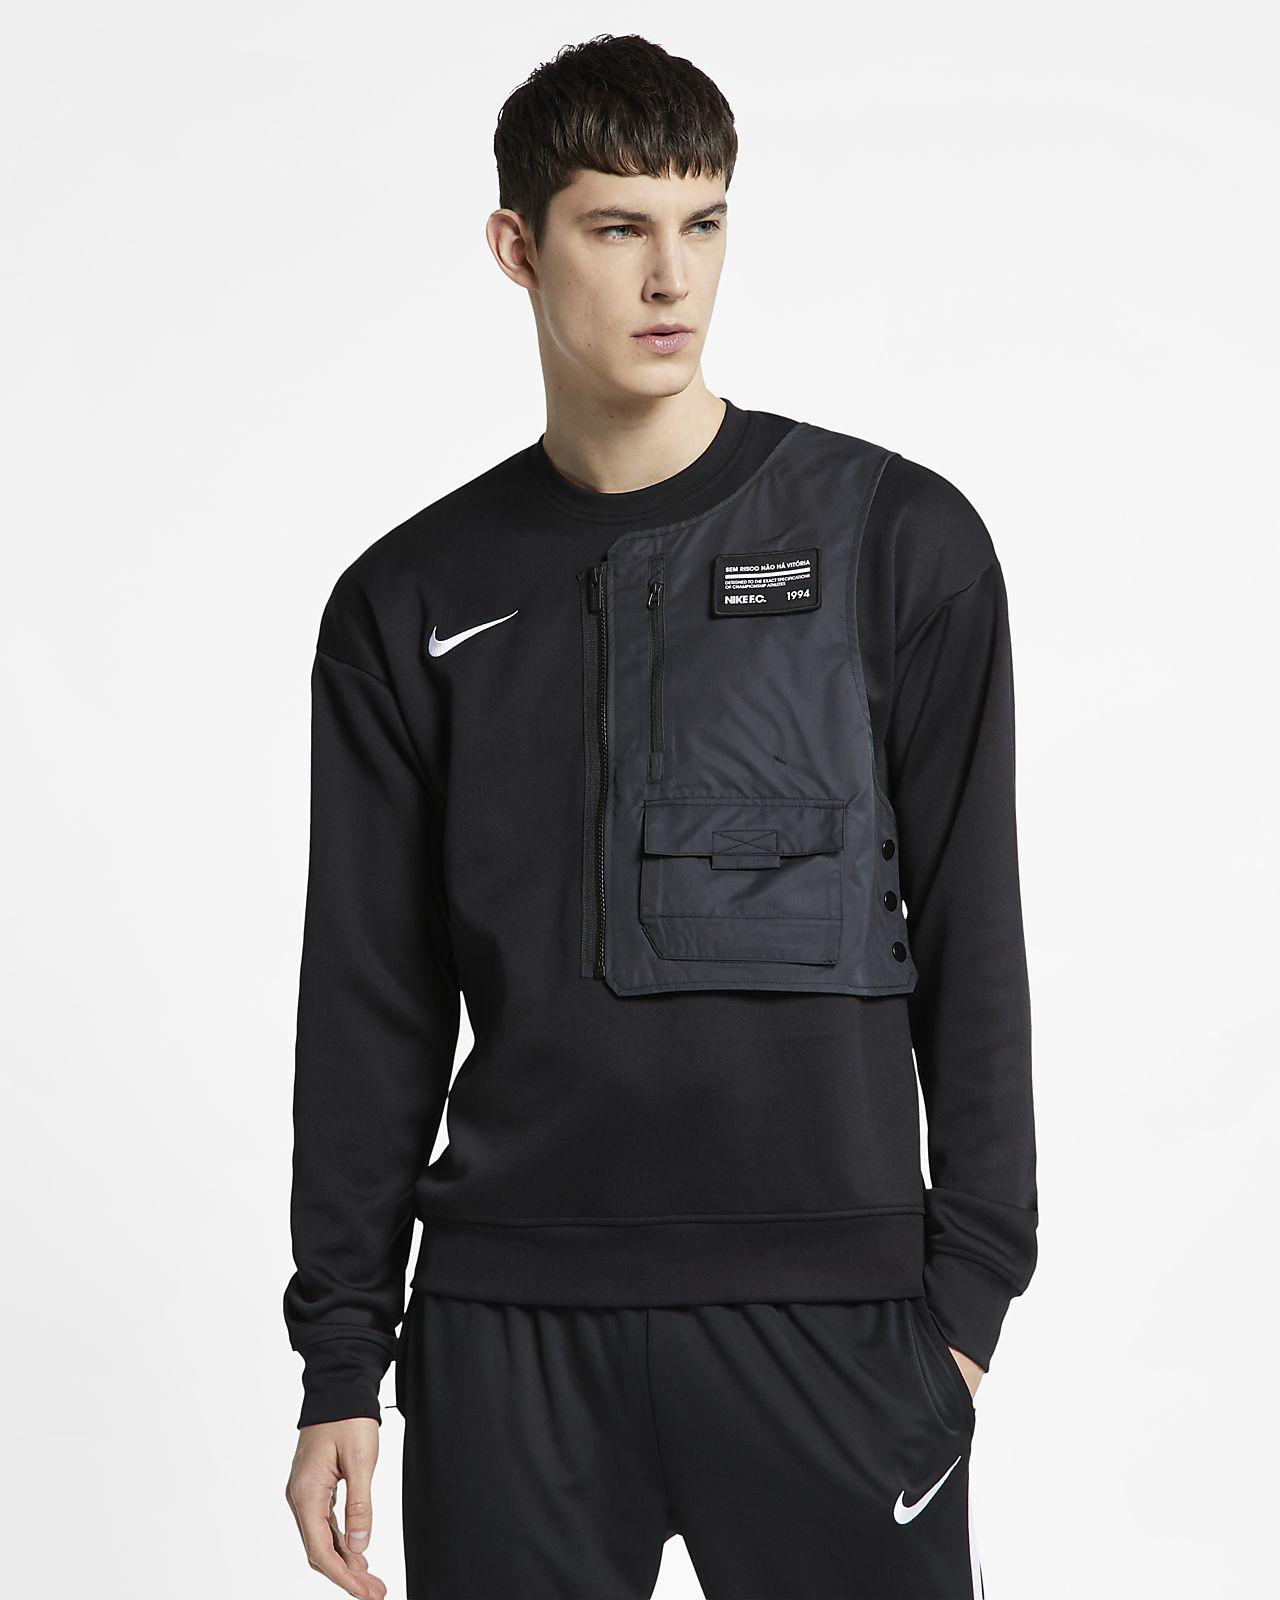 Męska bluza piłkarska z półokrągłym dekoltem Nike F.C.